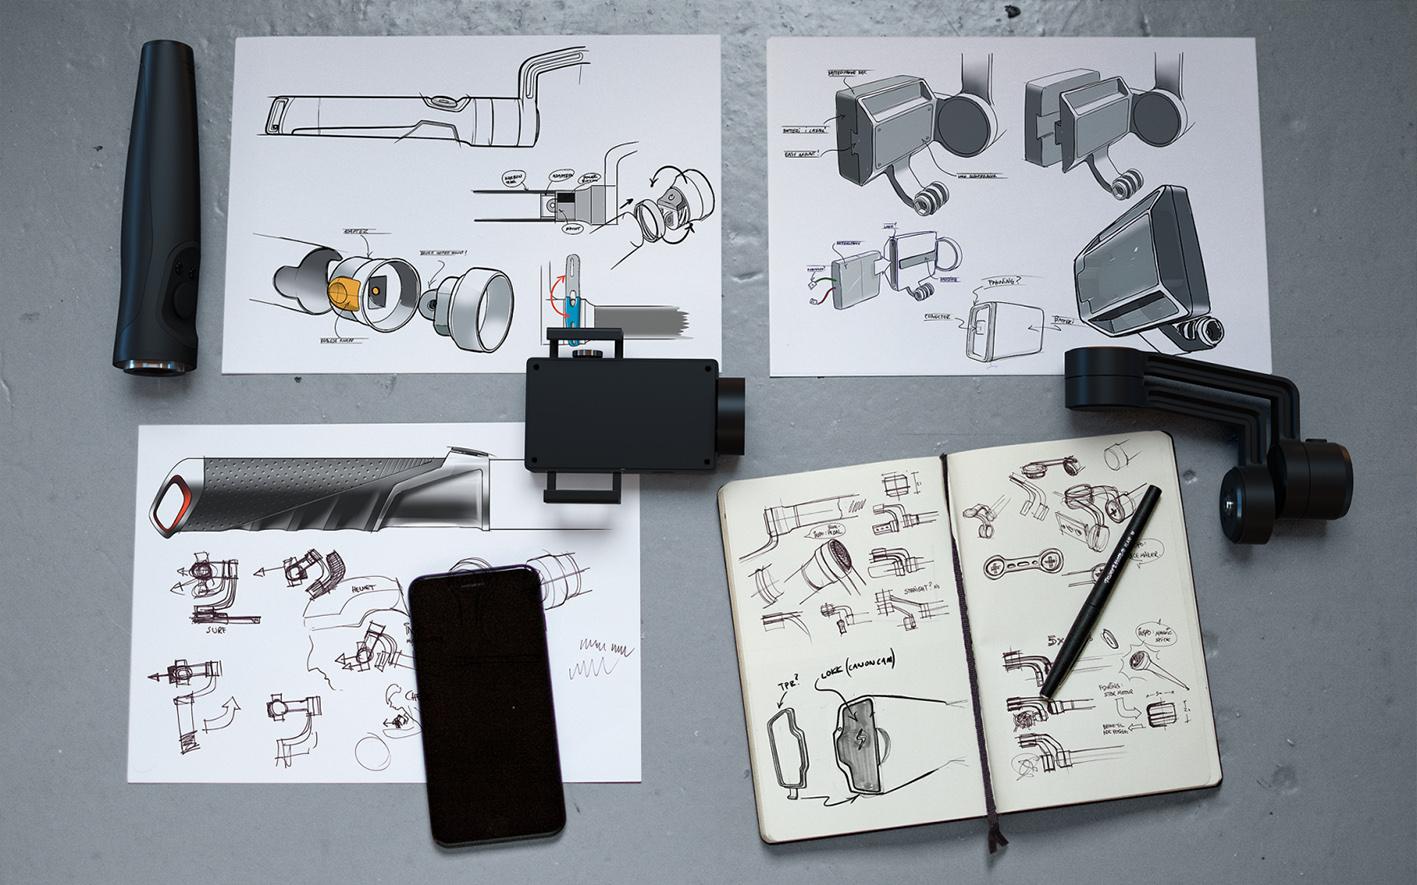 Smart. EGGS har vært med på å designe FlowMotion One, som er en stabilisator for smarttelefoner.